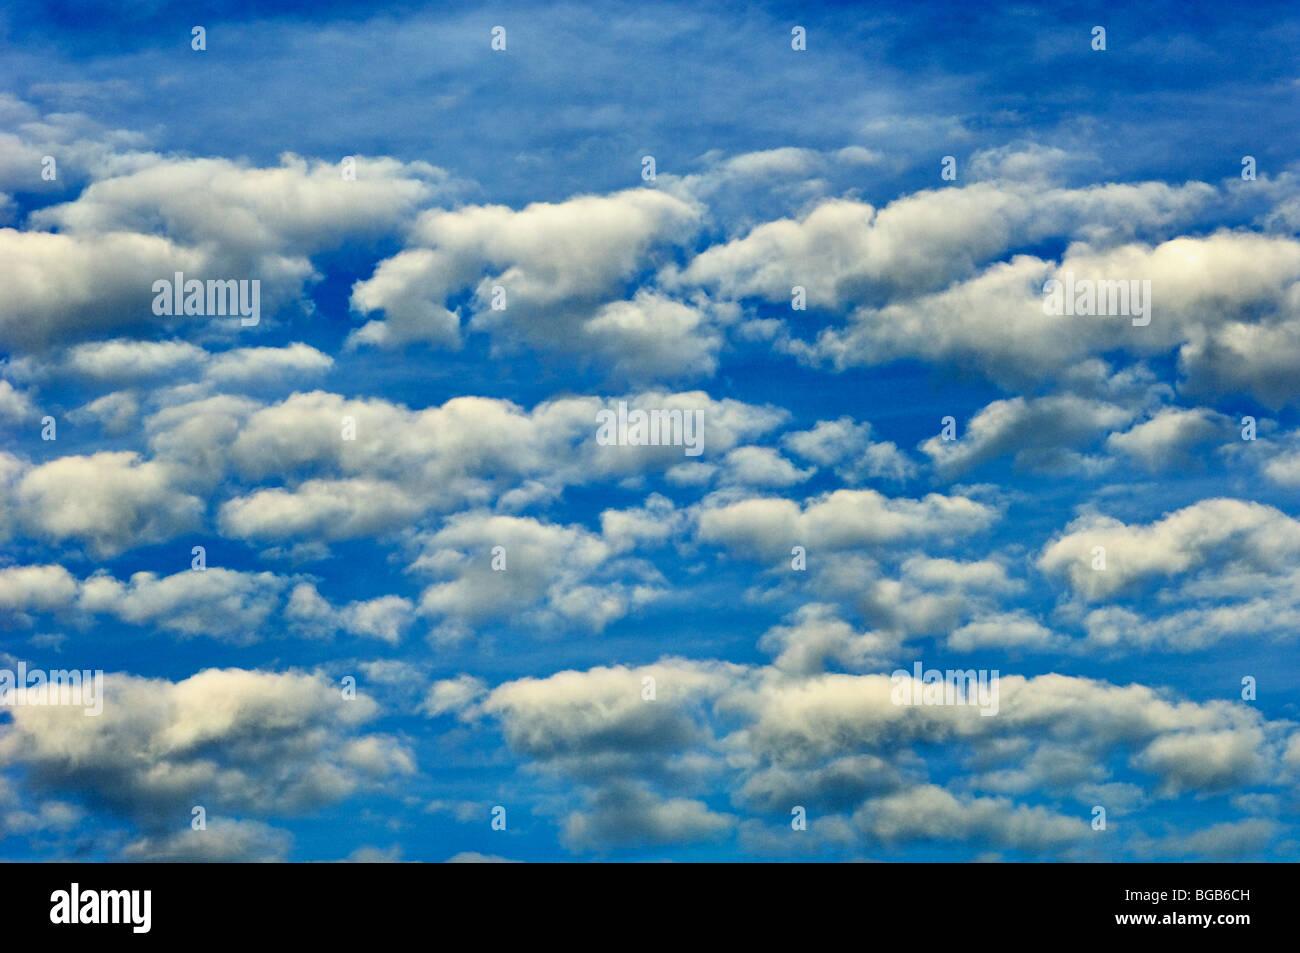 White Cumulus Clouds in a Blue Sky - Stock Image